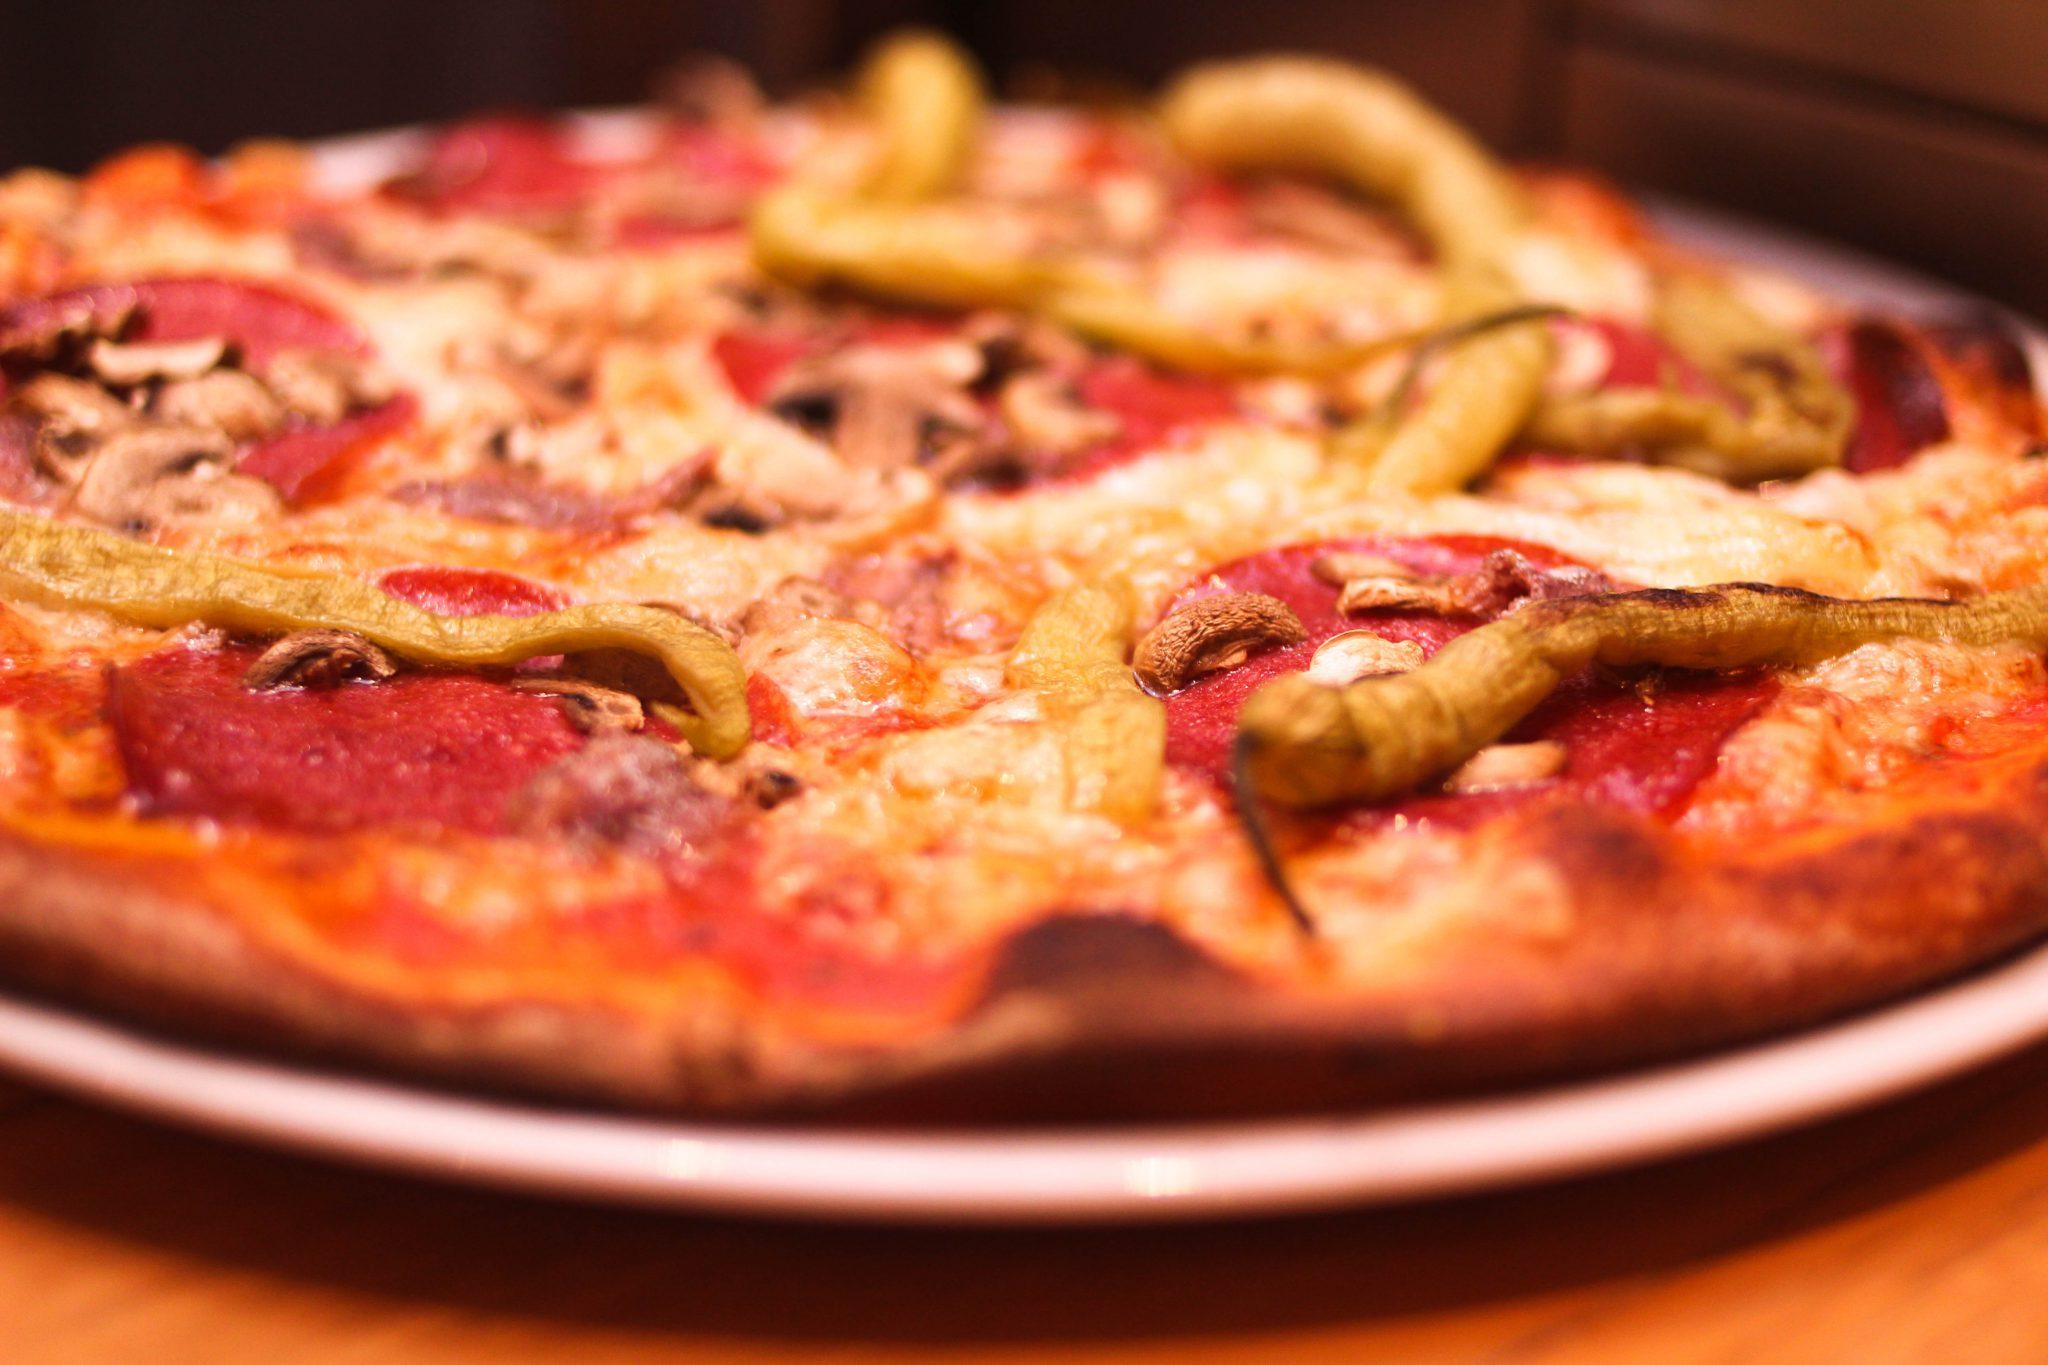 jeden Tag eine andere Pizza für den Mittagstisch